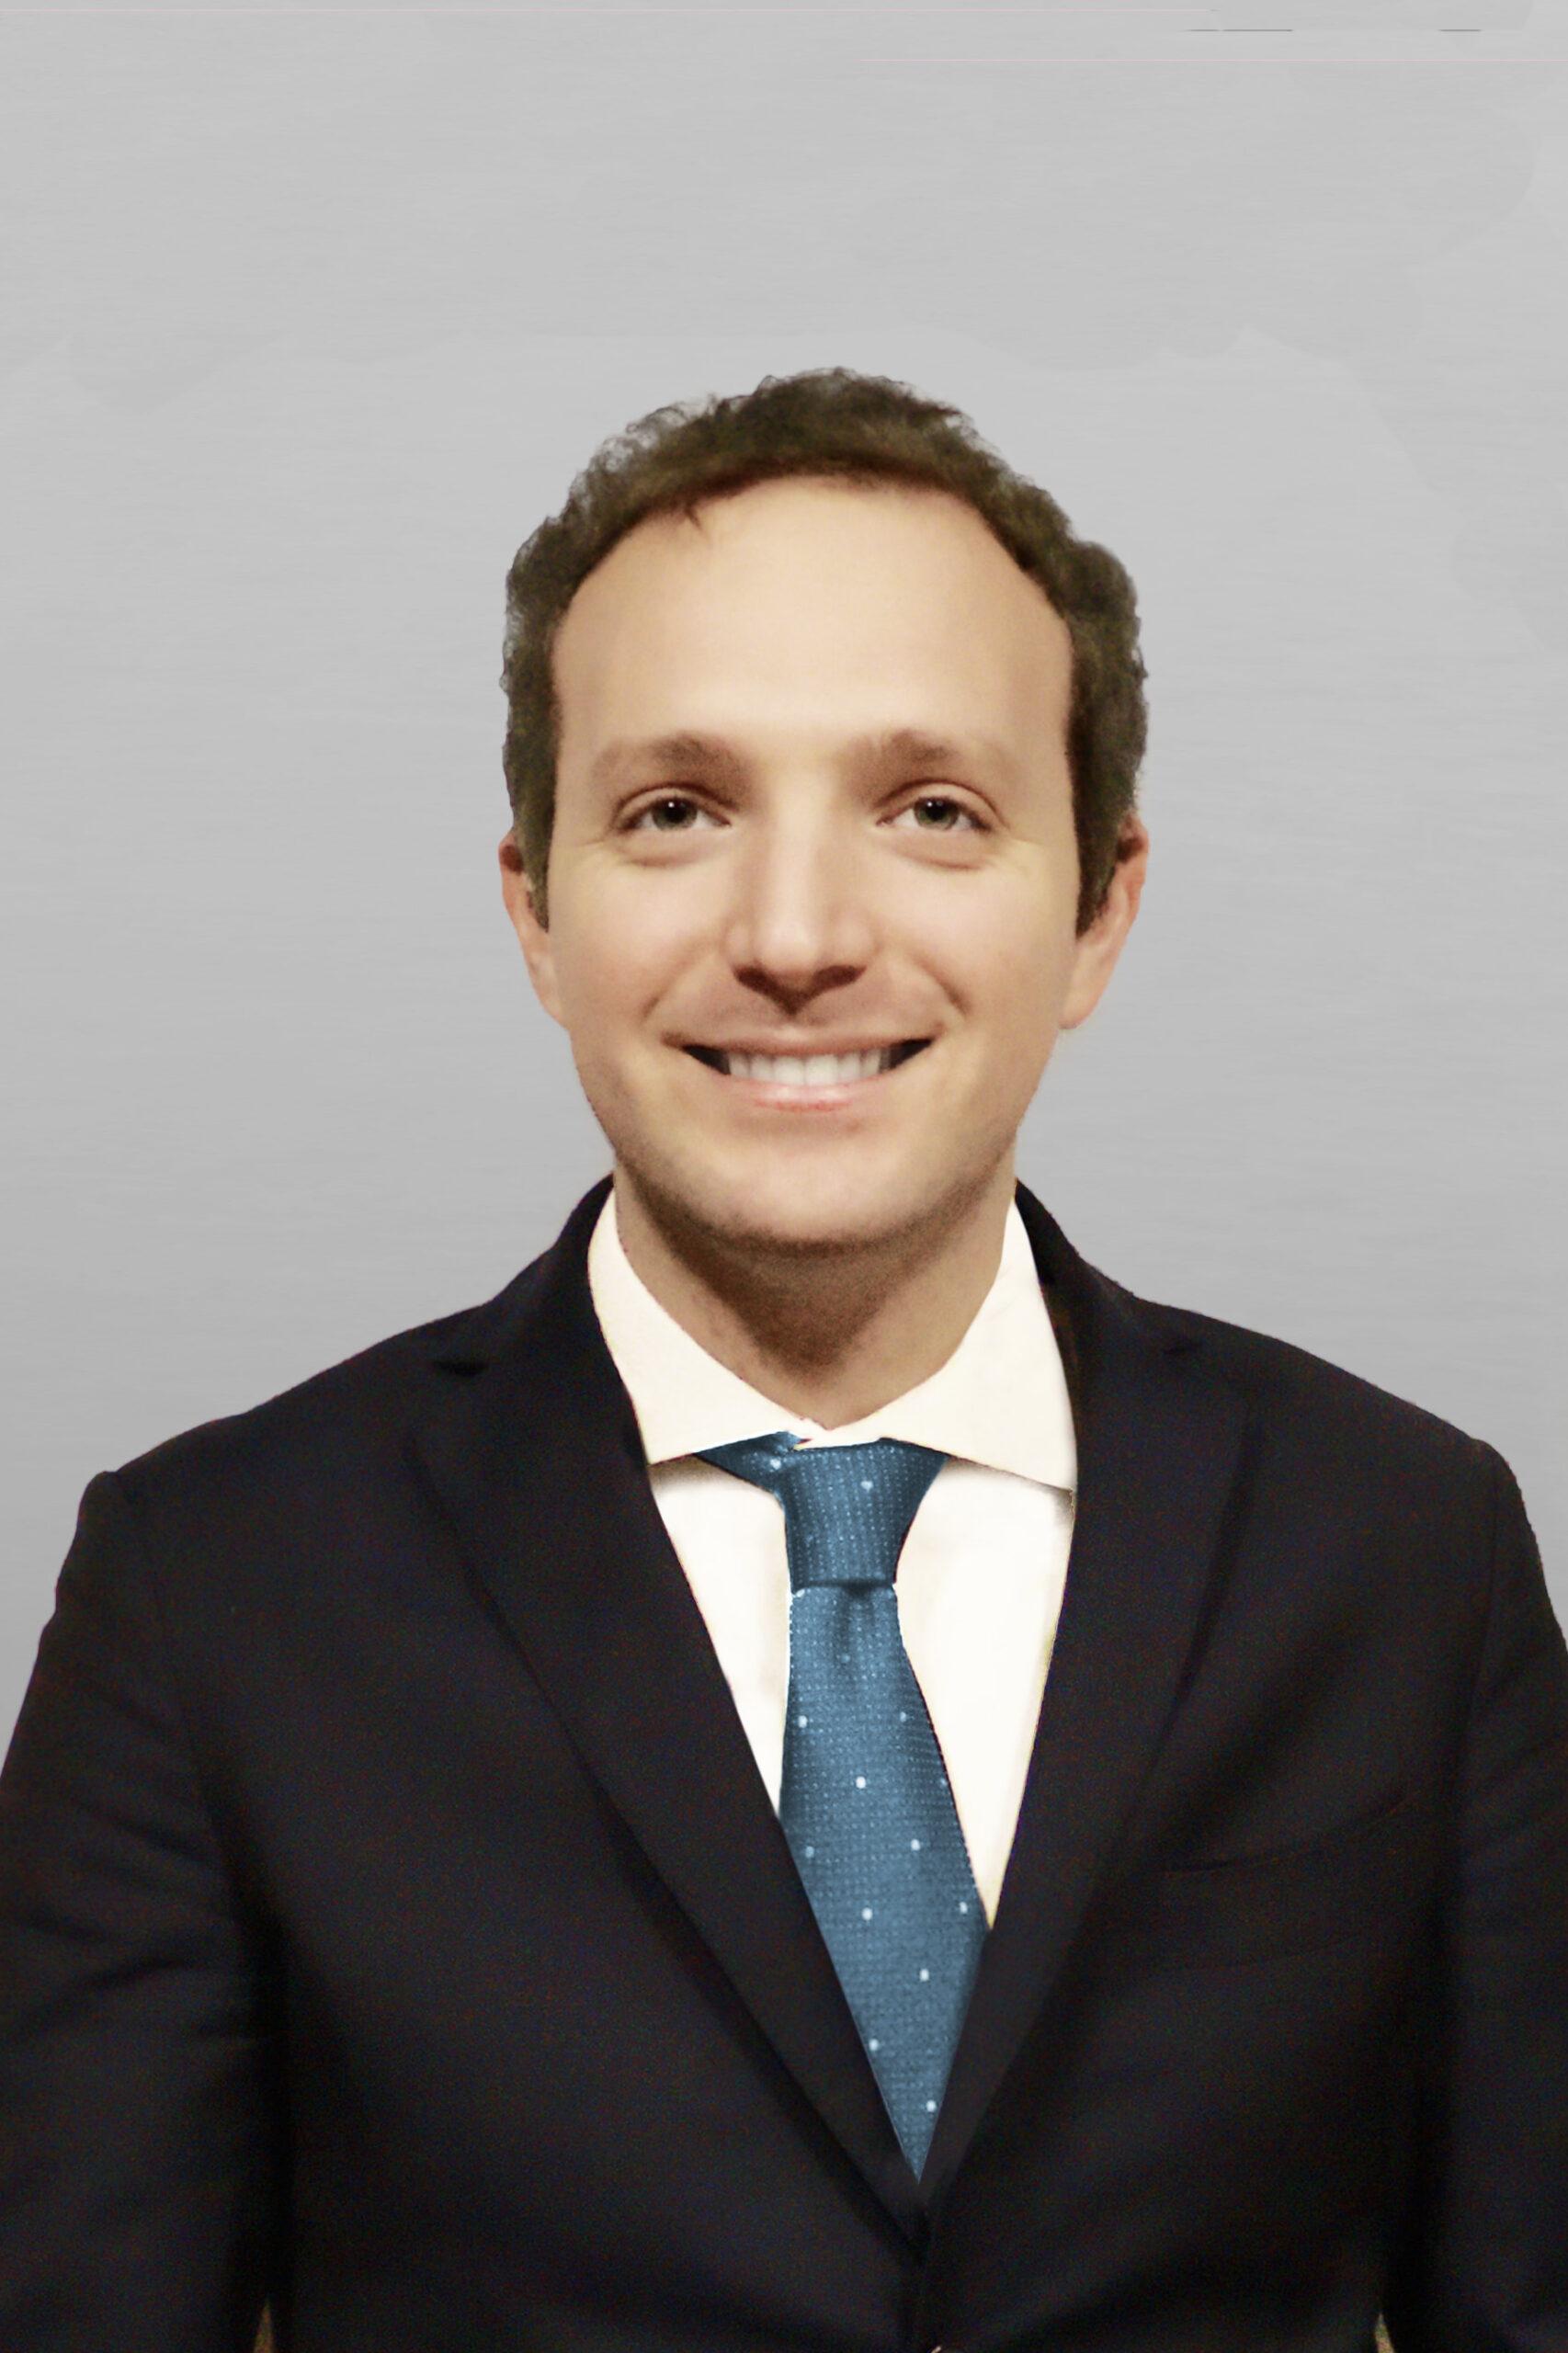 Marco Destro